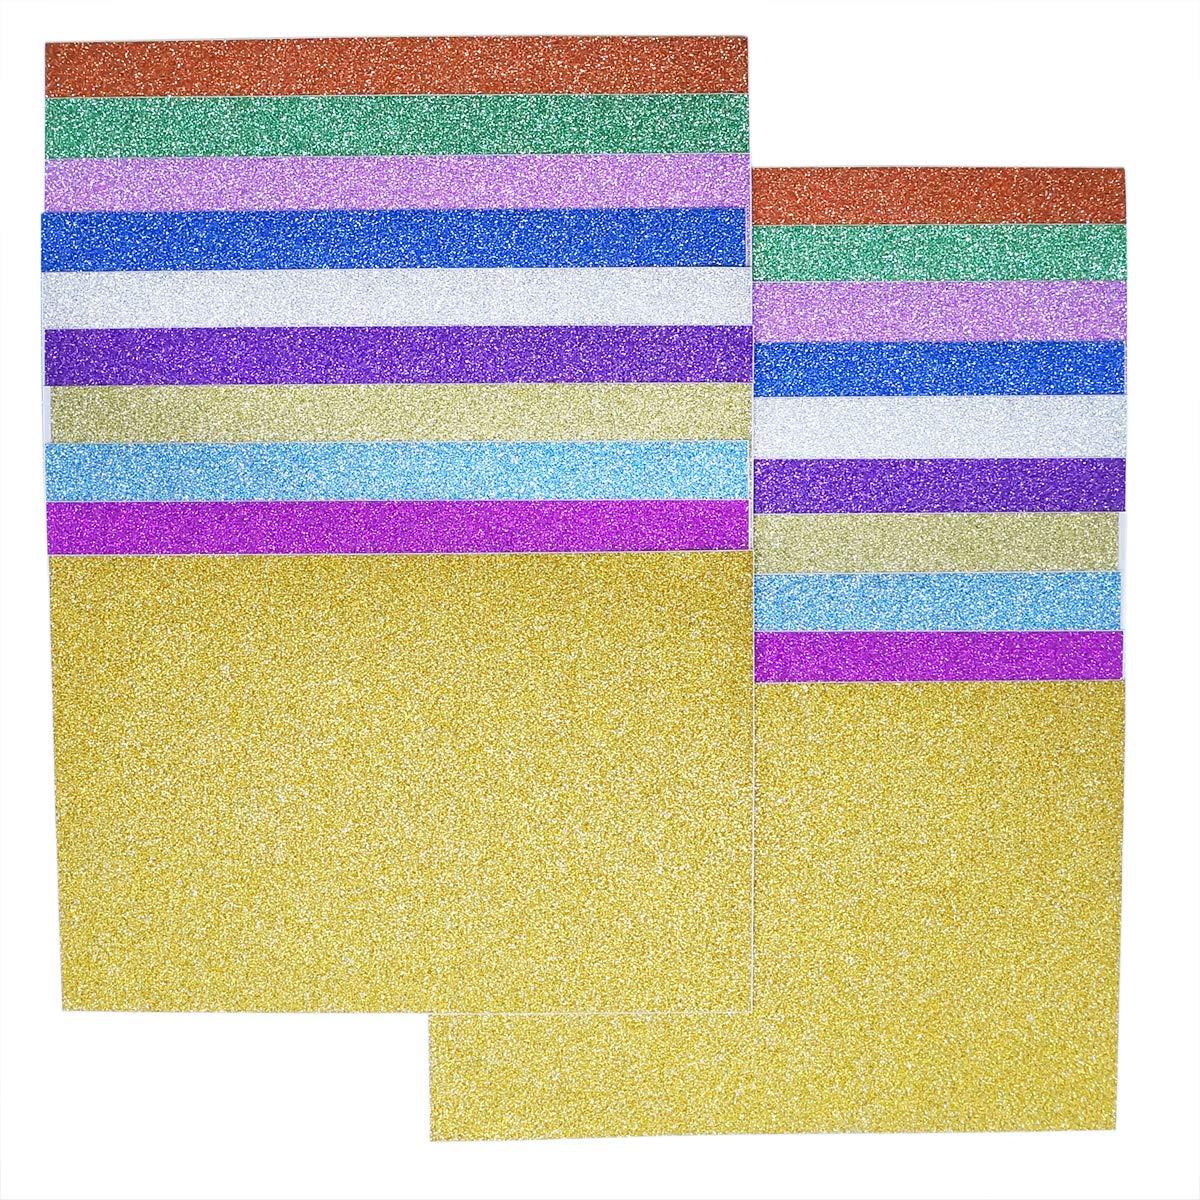 YXJDWEI 20 Feuilles /à Paillettes Papier Autocollantes en Vinyle pour Scrapbooking Cartes DIY Artisanat 10x15 cm